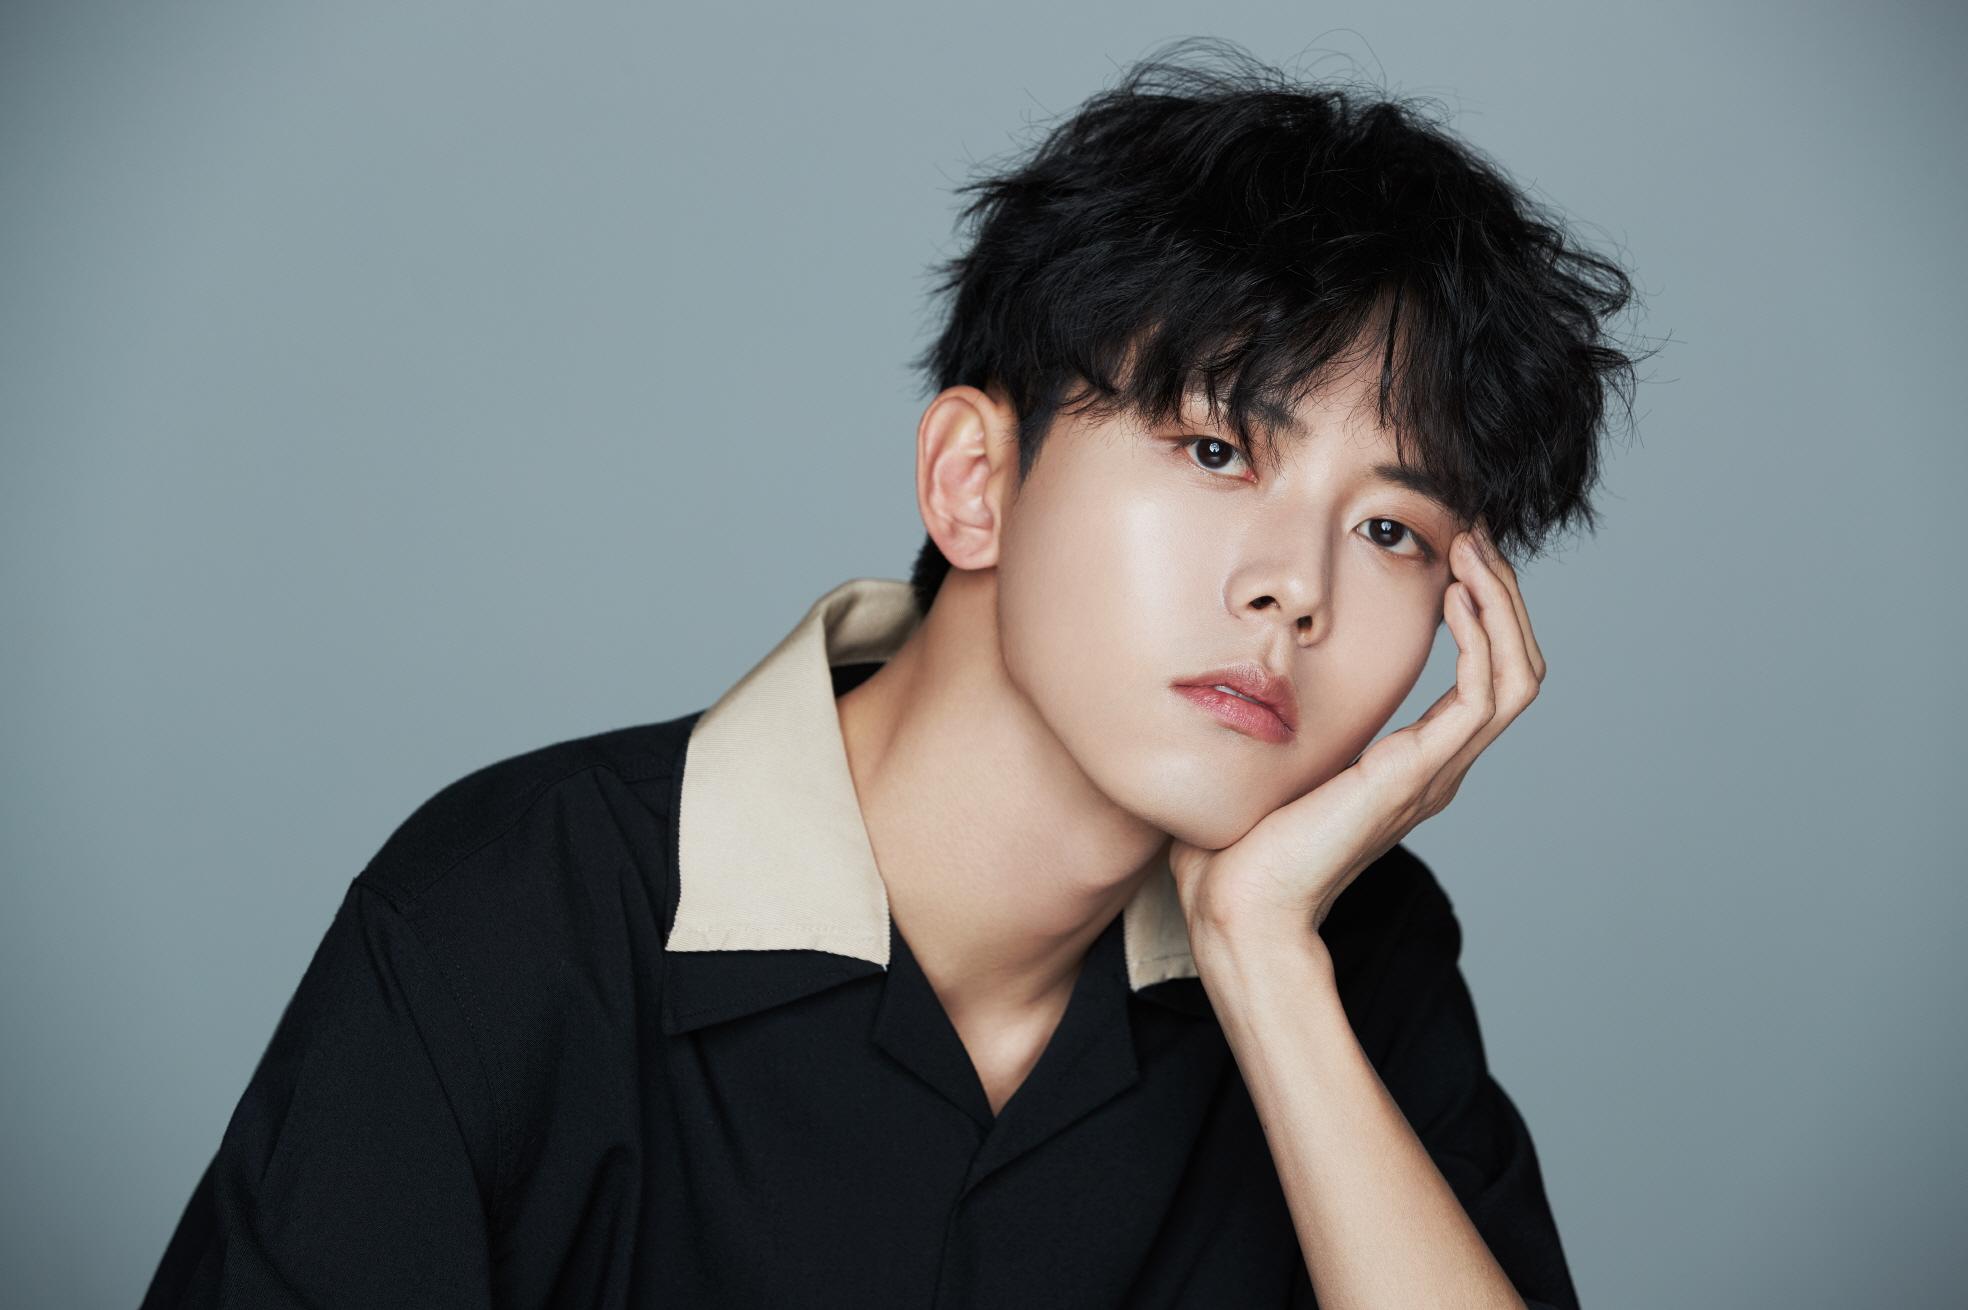 모델 주우재, '꿈꾸는 라디오' 스페셜 DJ로 변신!